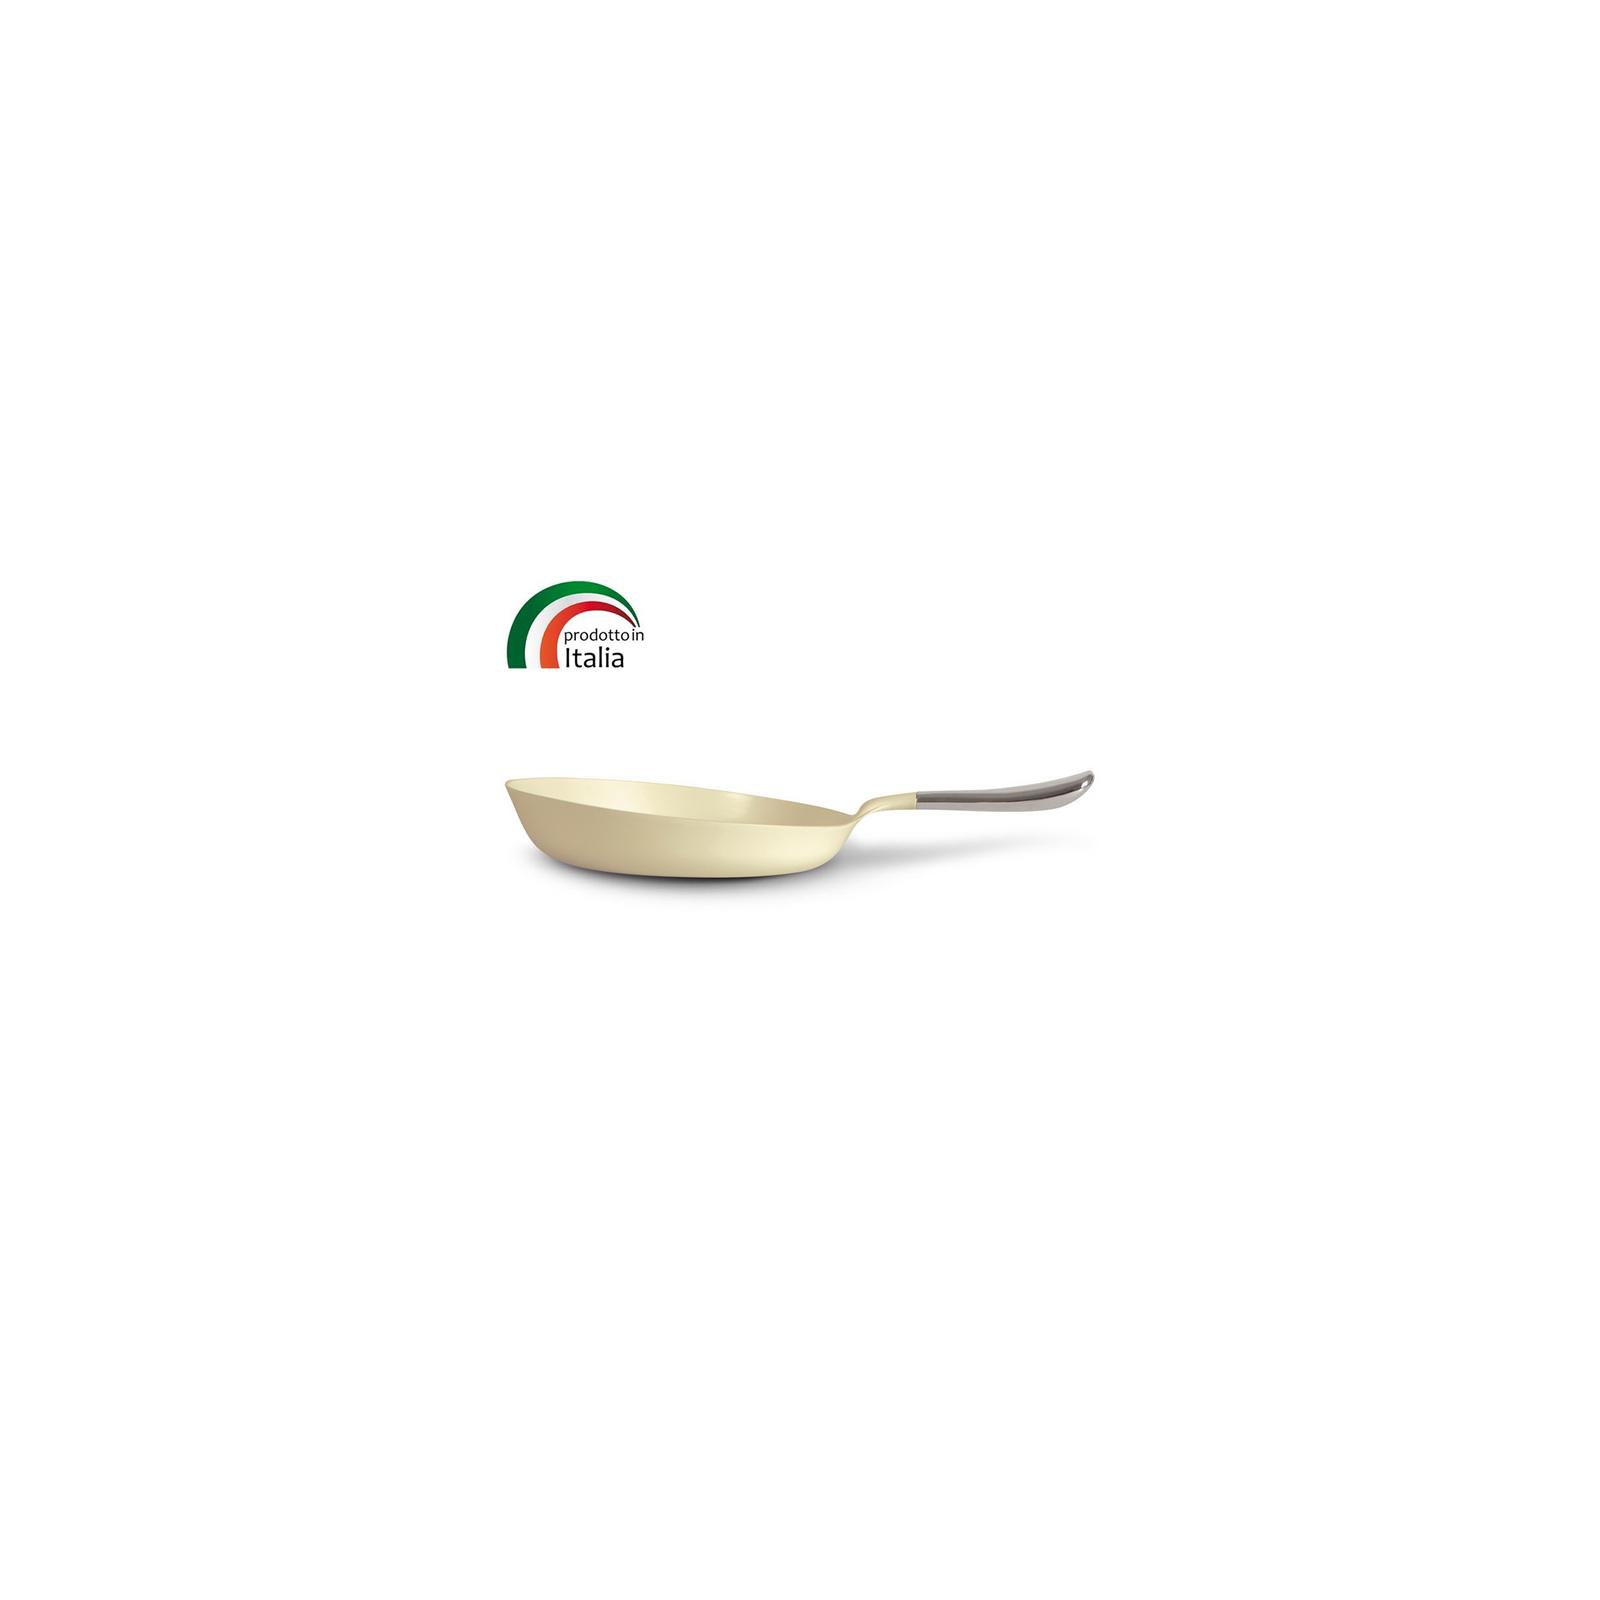 Сковорода TVS Liquida 24 см (15288240010001)